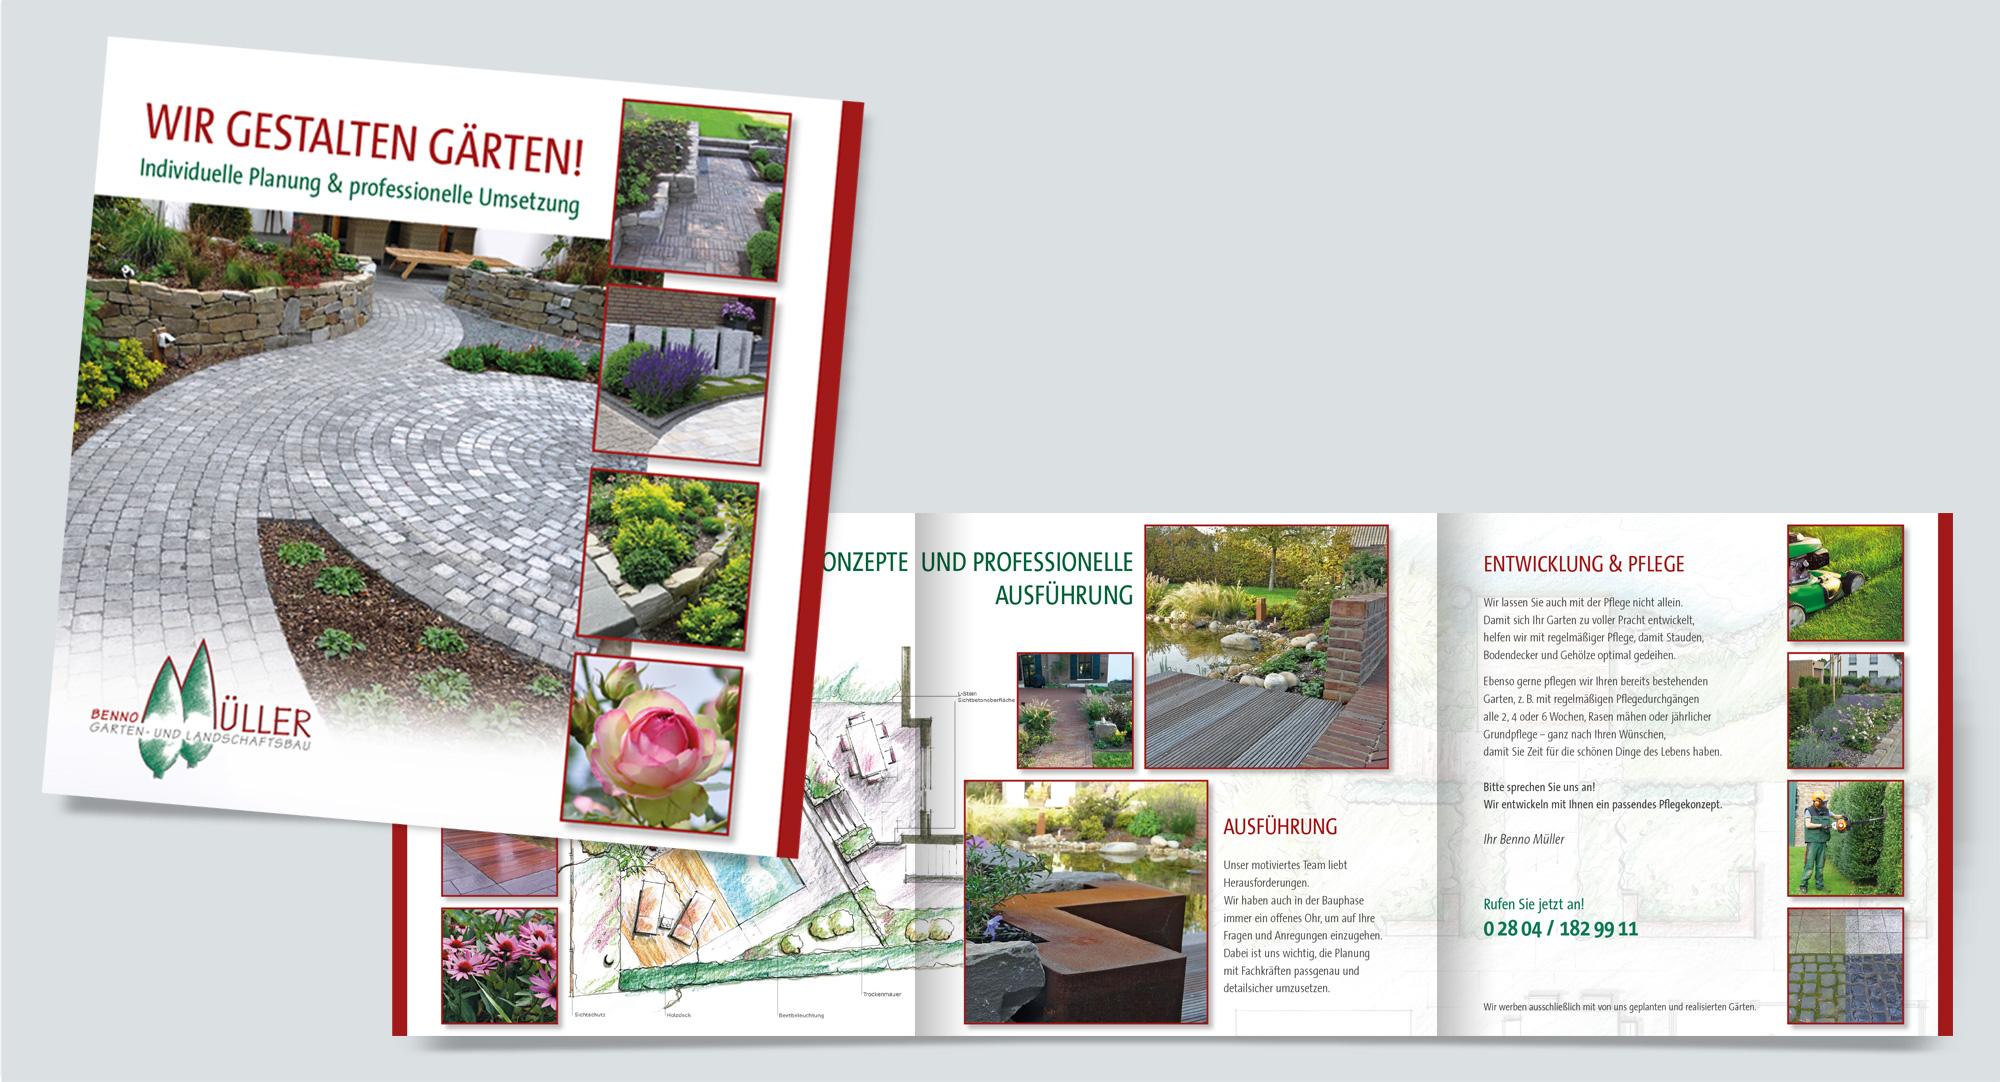 Garten- und Landschaftsbau Benno Müller – Faltbroschüre Planung